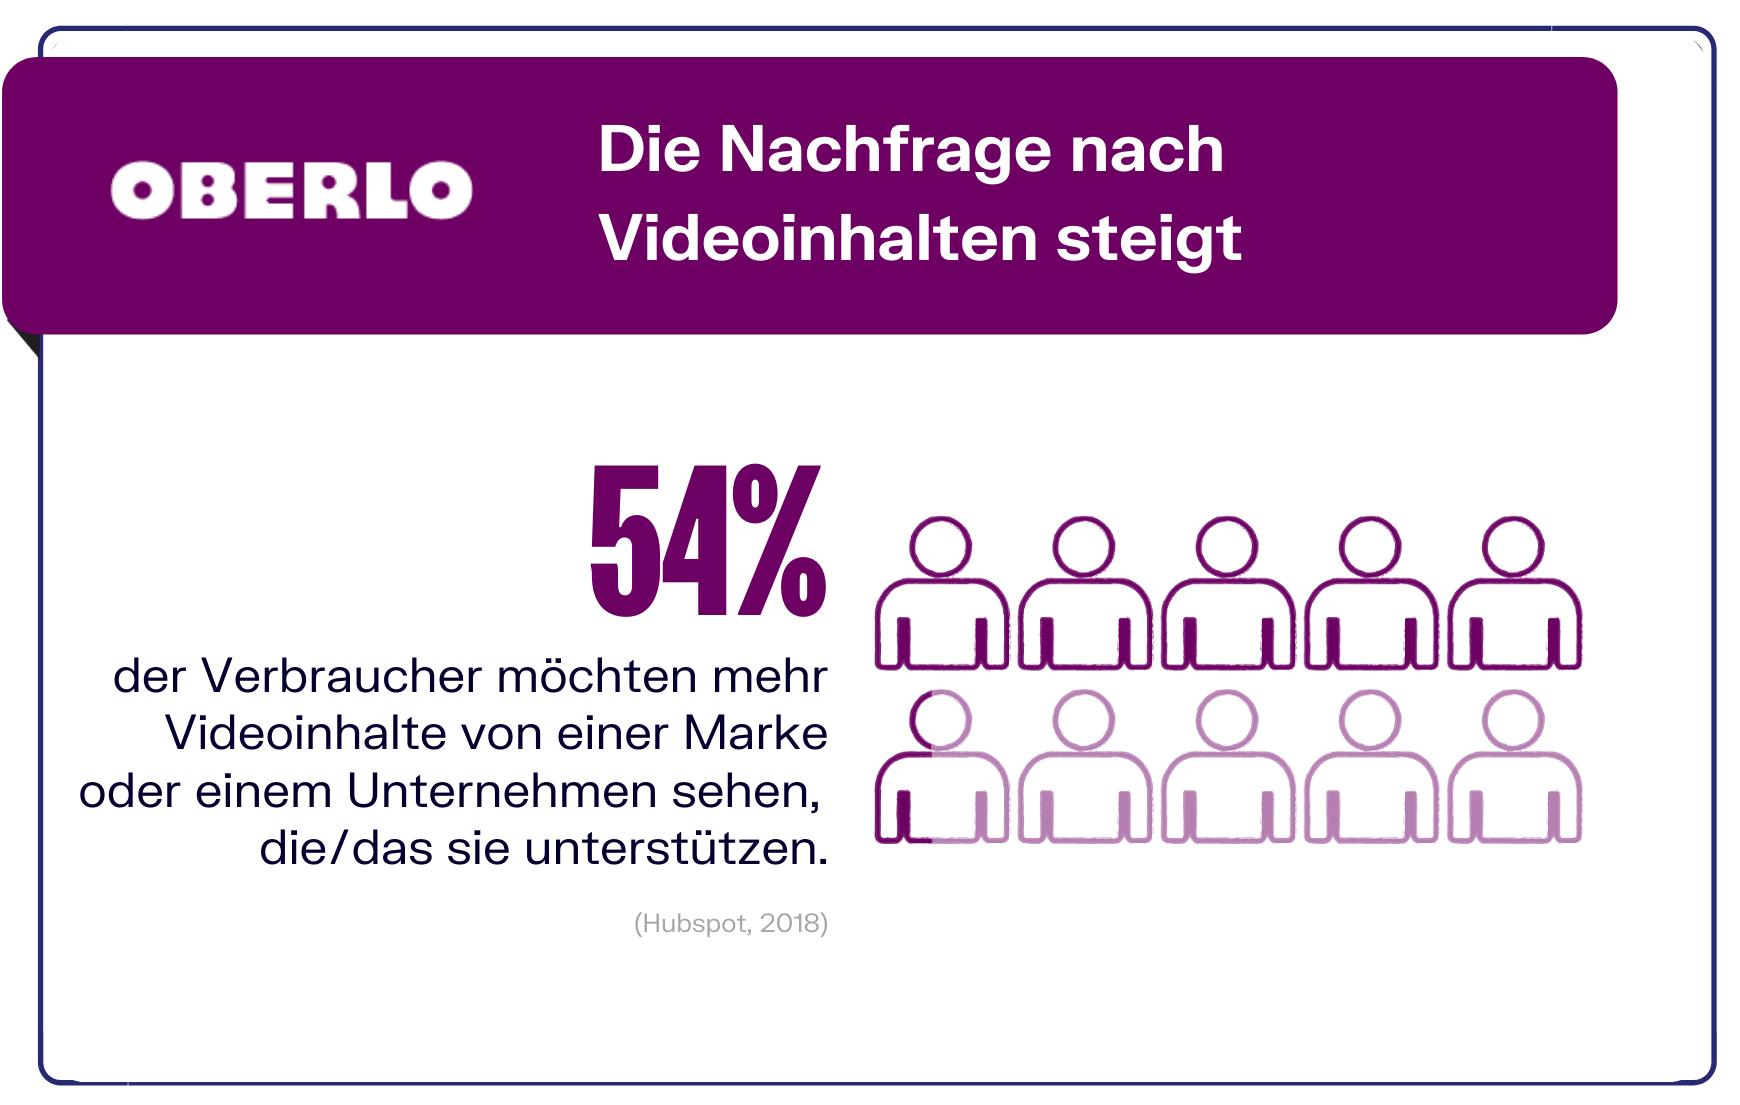 Marketing - Videonachfrage